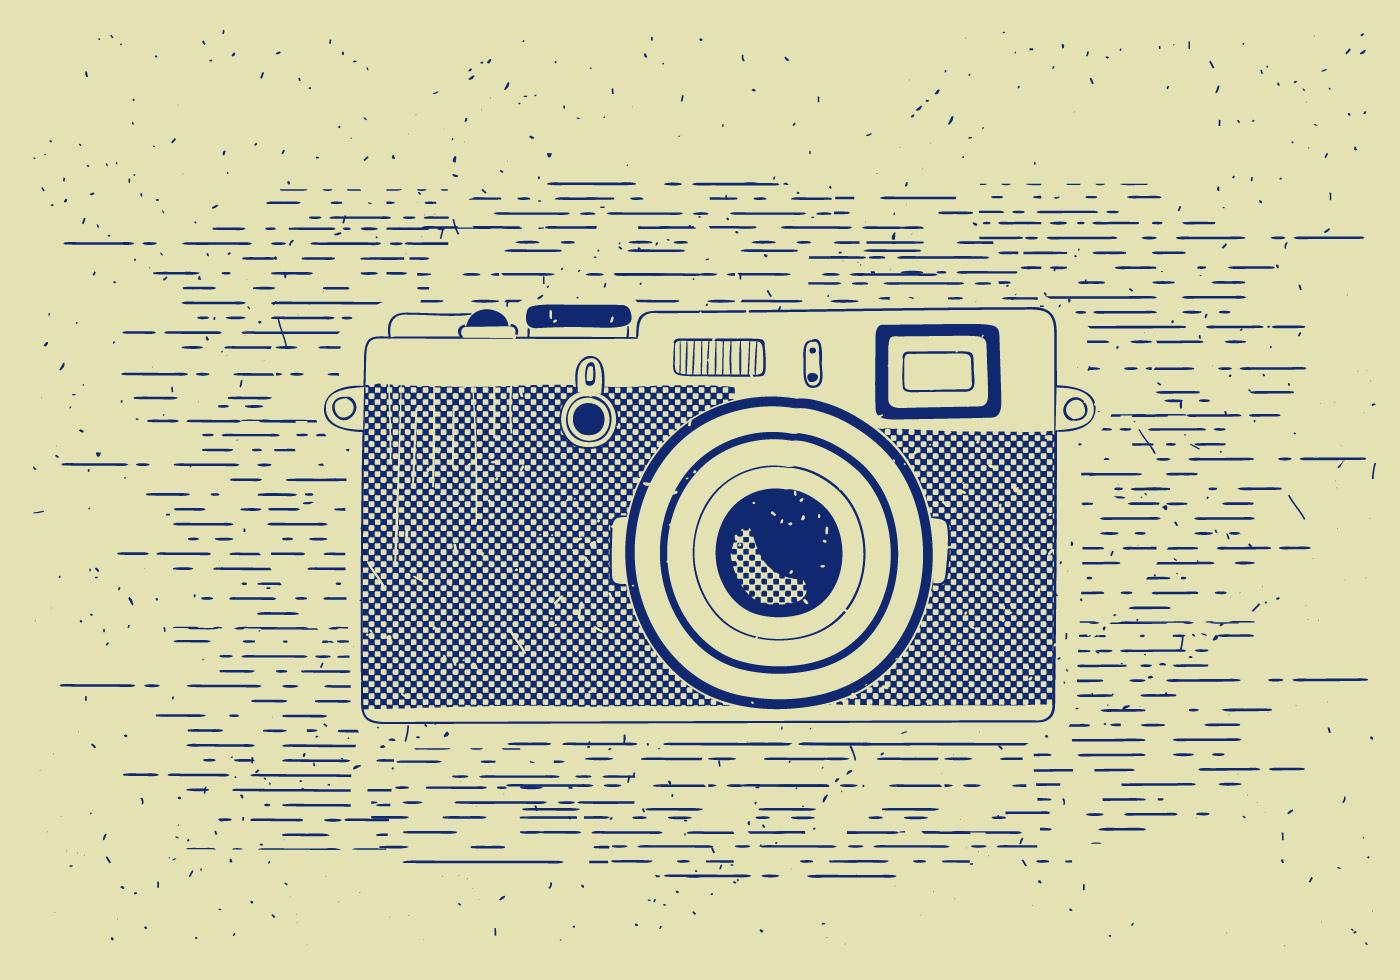 相機圖片 免費下載   天天瘋後製